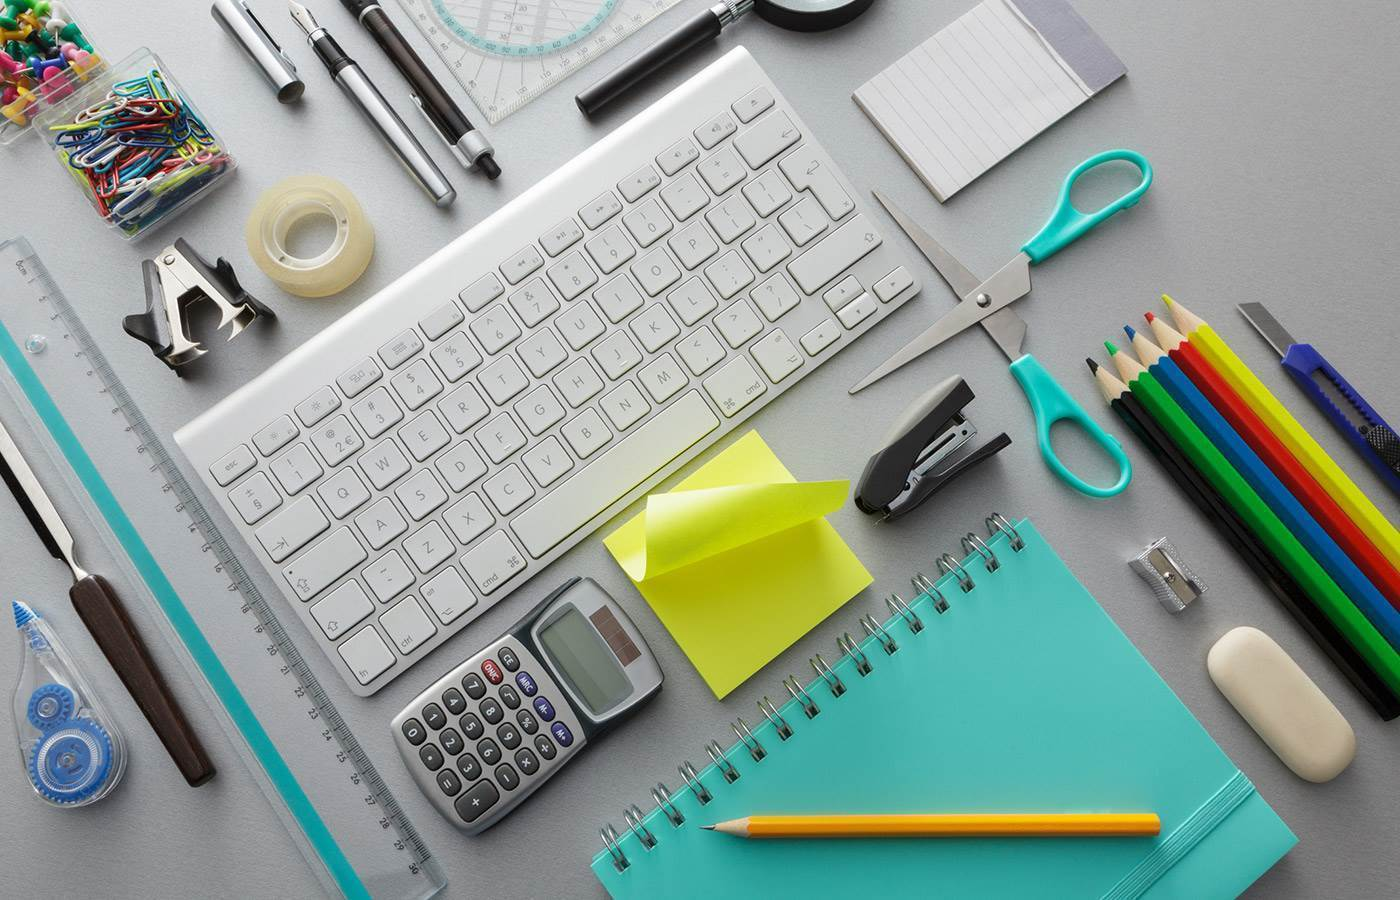 Ce trebuie sa contina o lista de cumparaturi pentru birou?